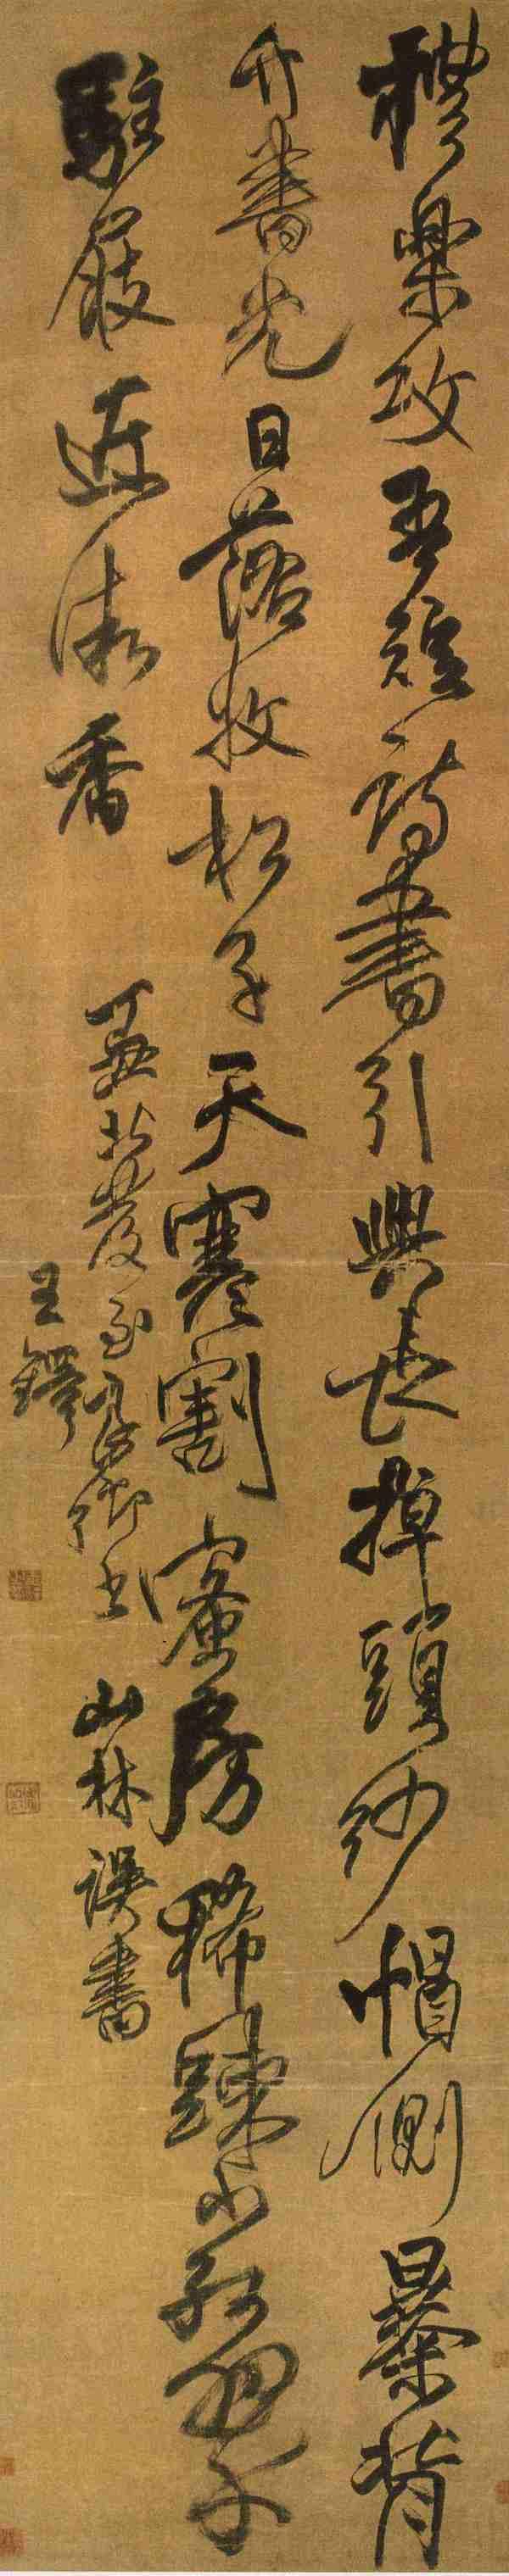 图二:王铎《杜甫诗轴》,广州美术馆藏